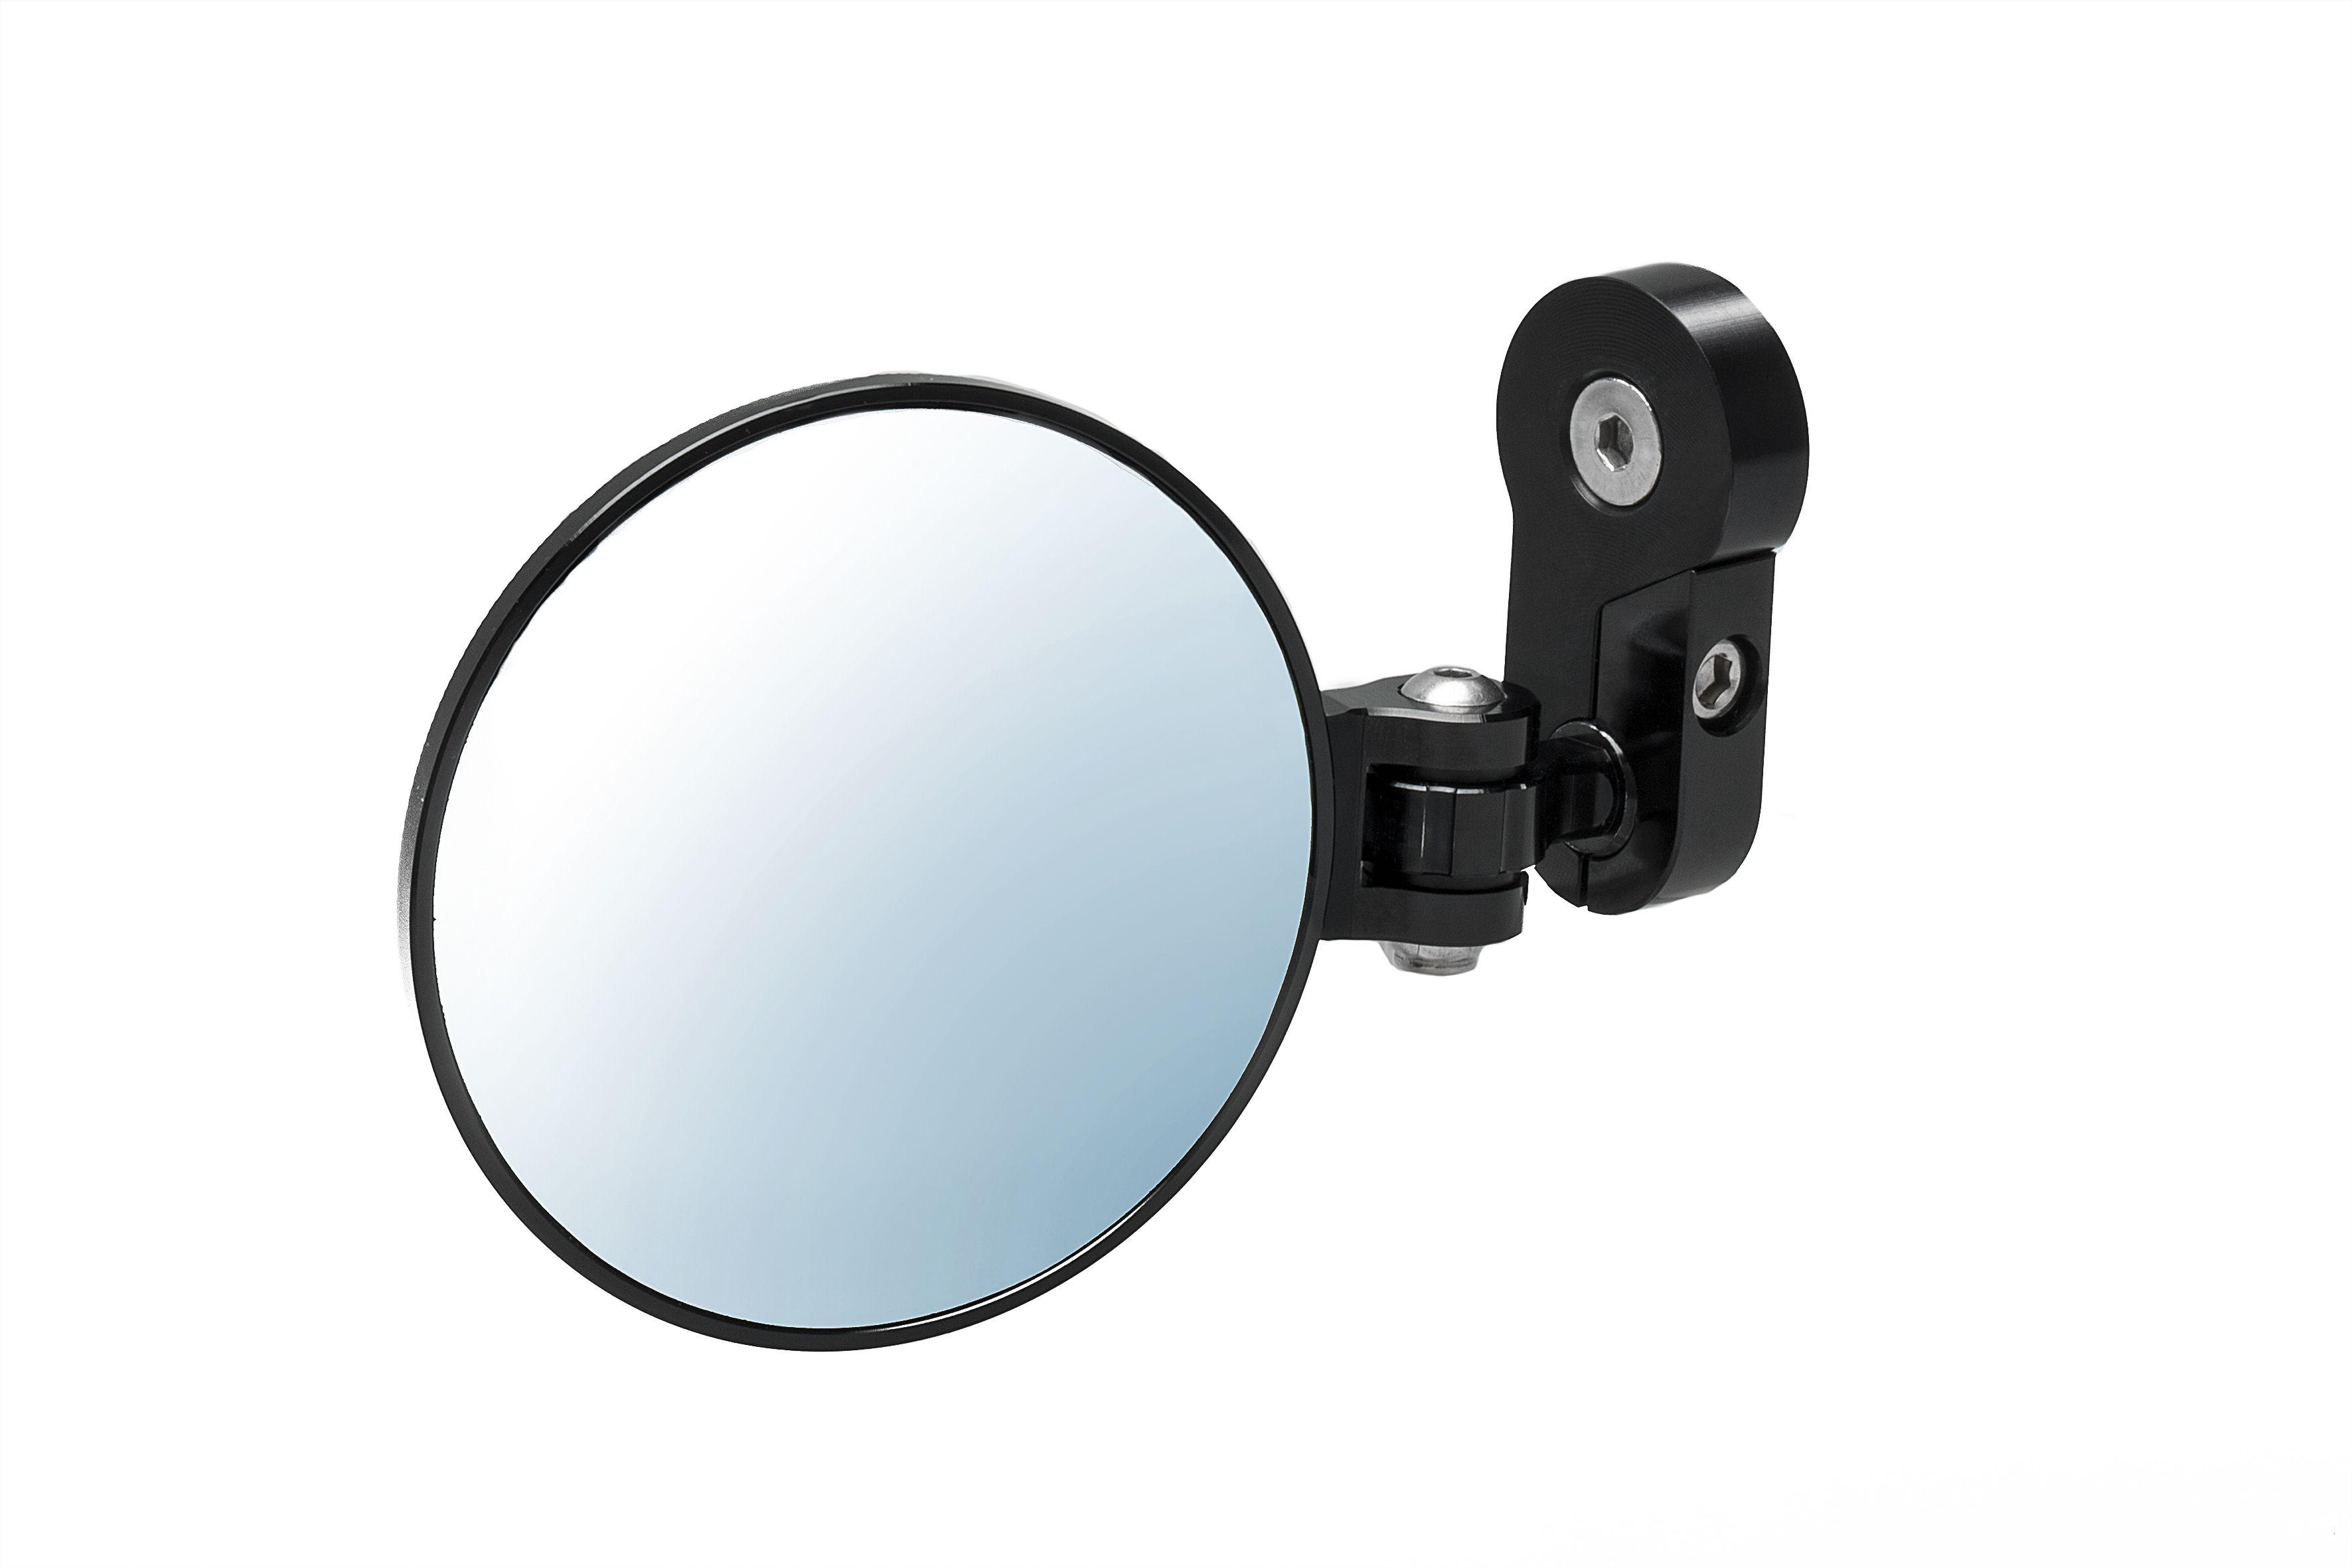 Bar End Spiegels : Bar end spiegel schwarz stahl multi gerichtete flach